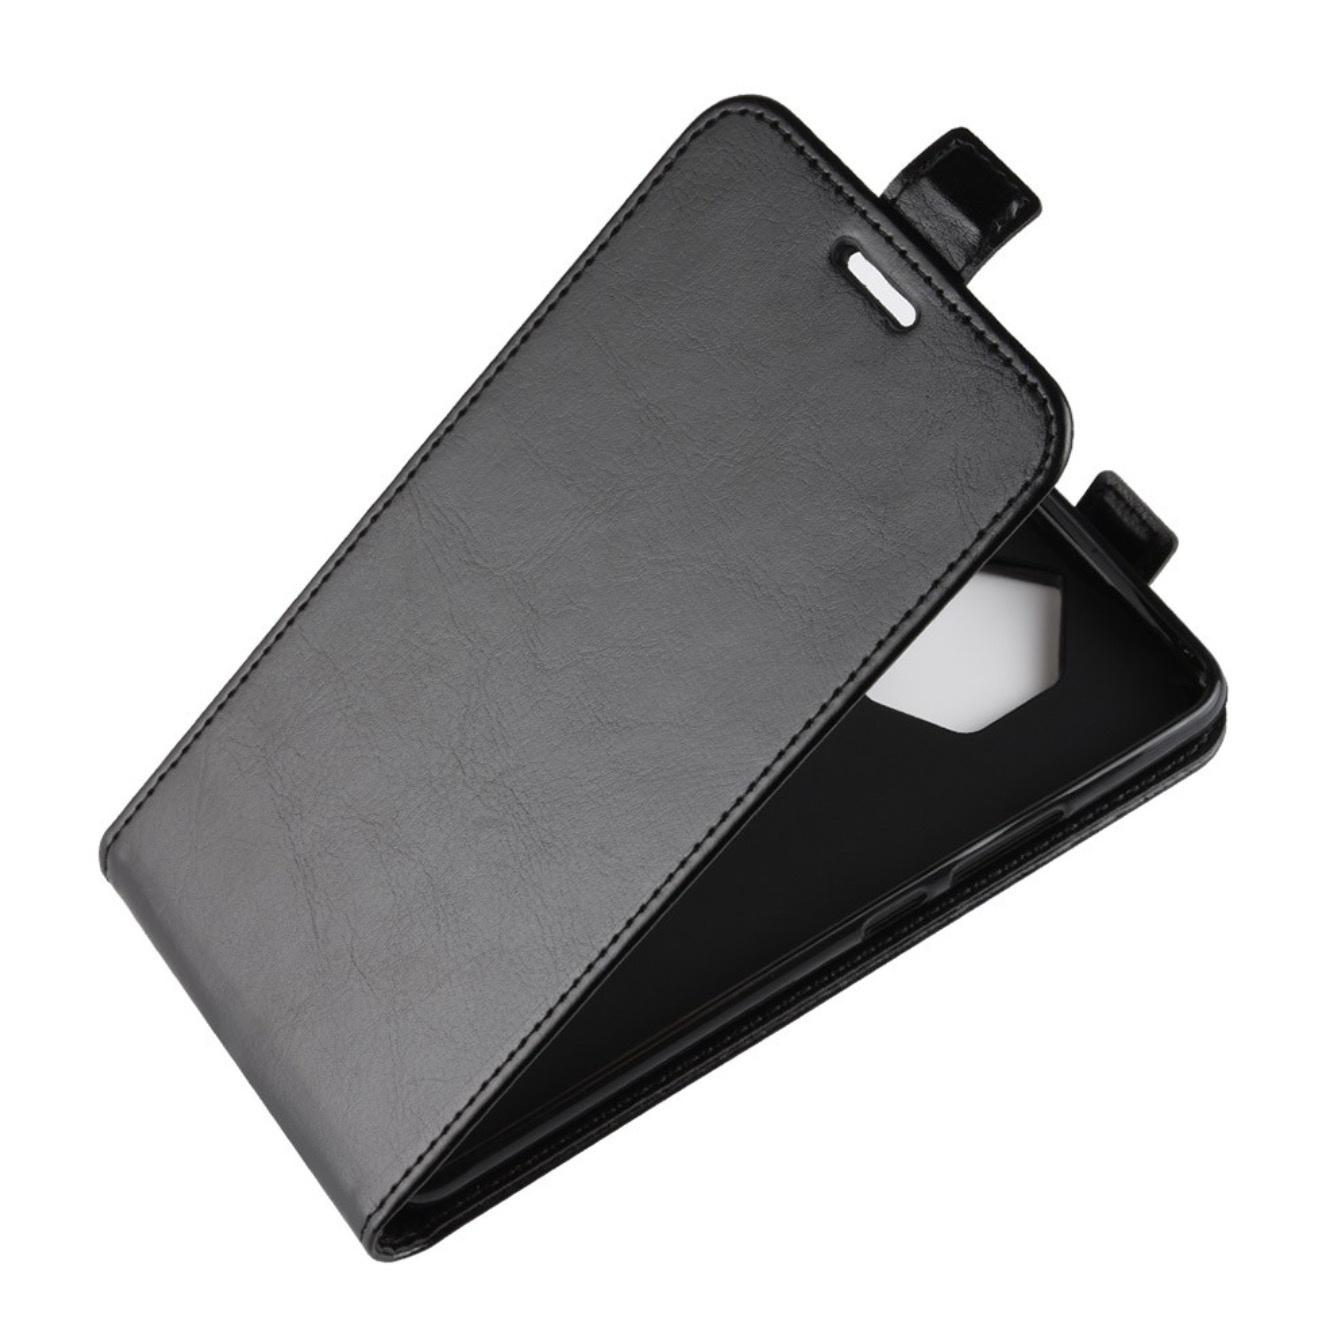 Чехол-флип MyPads для HTC Desire 300 вертикальный откидной черный